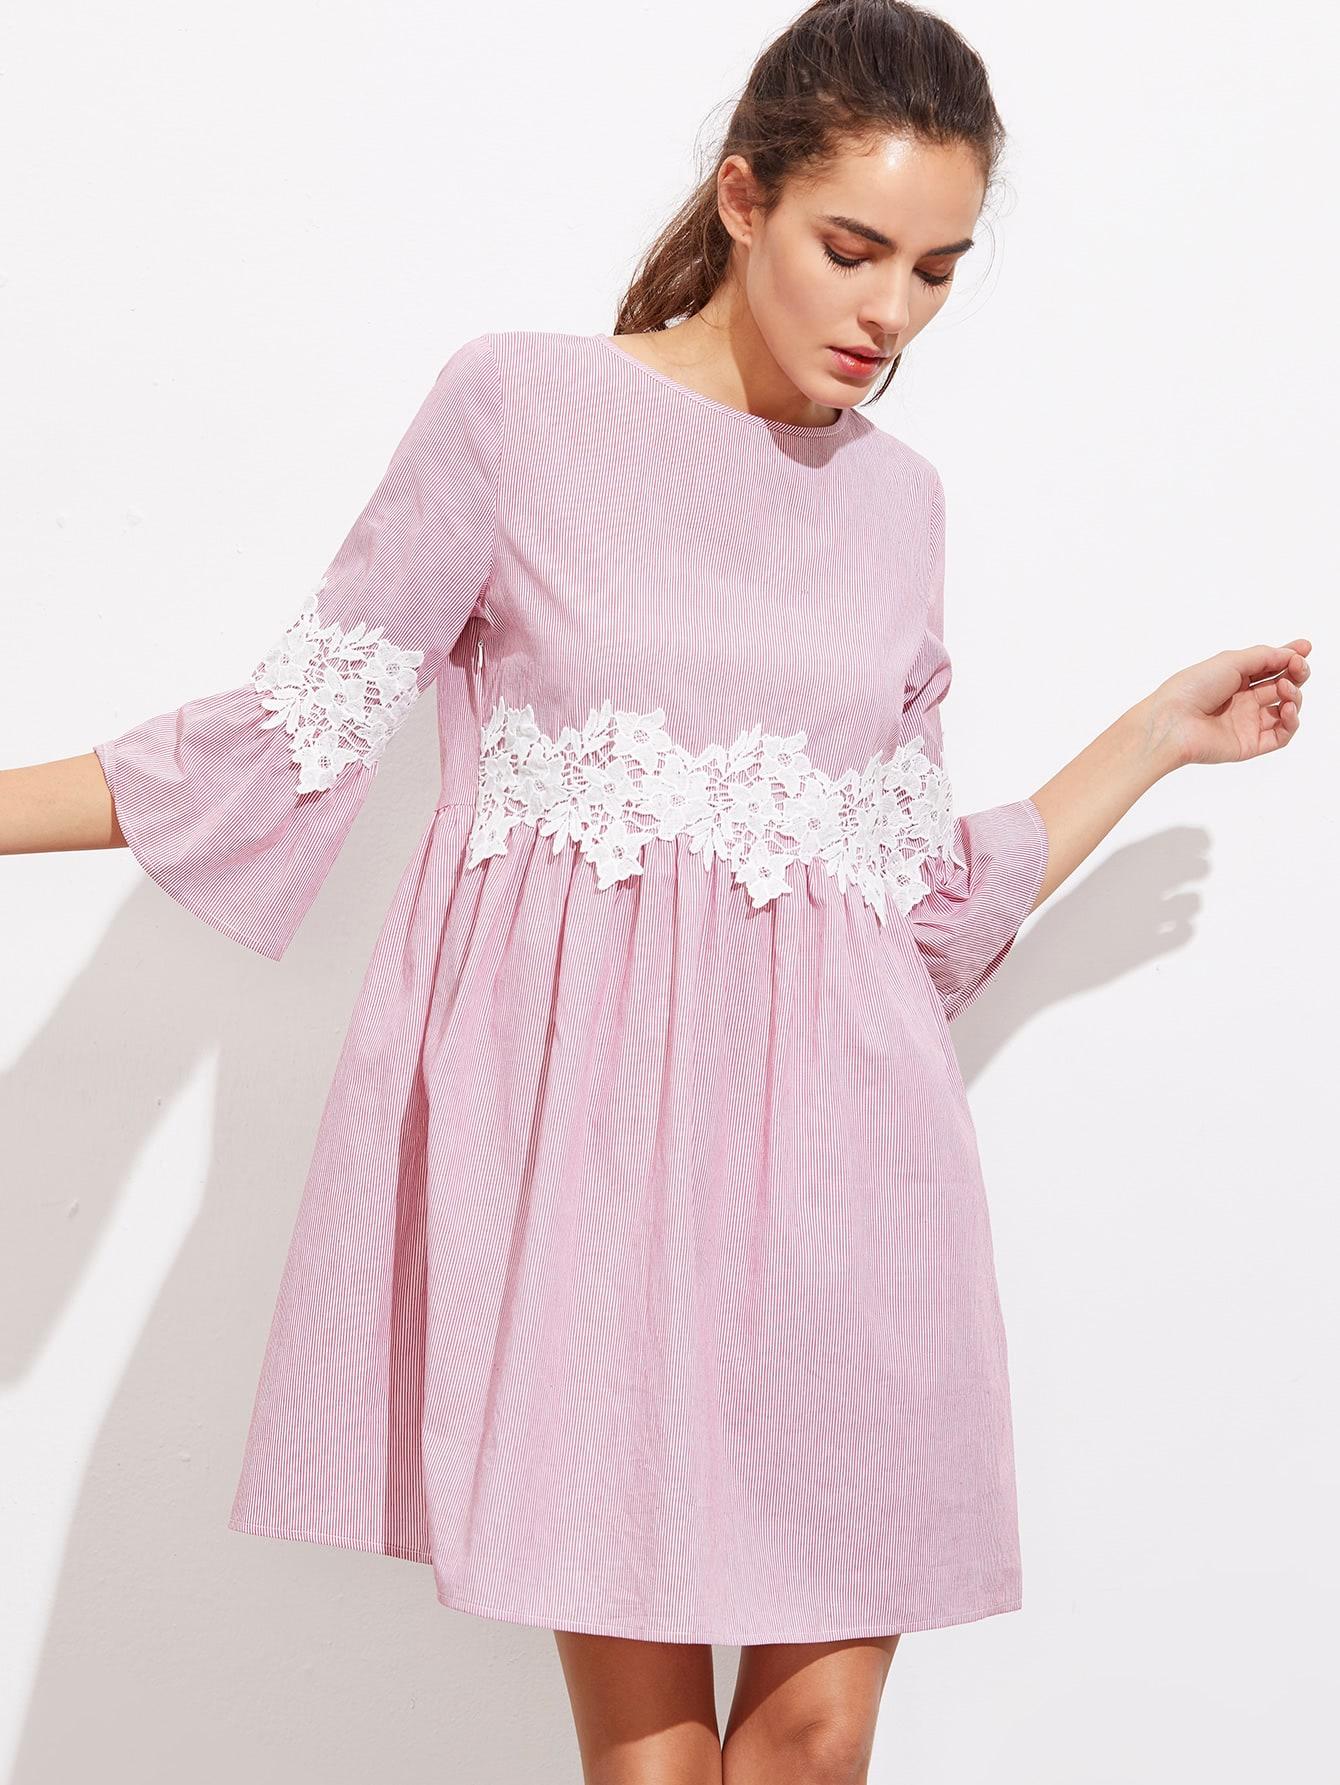 Фото Floral Lace Applique Fluted Sleeve Striped Smock Dress. Купить с доставкой